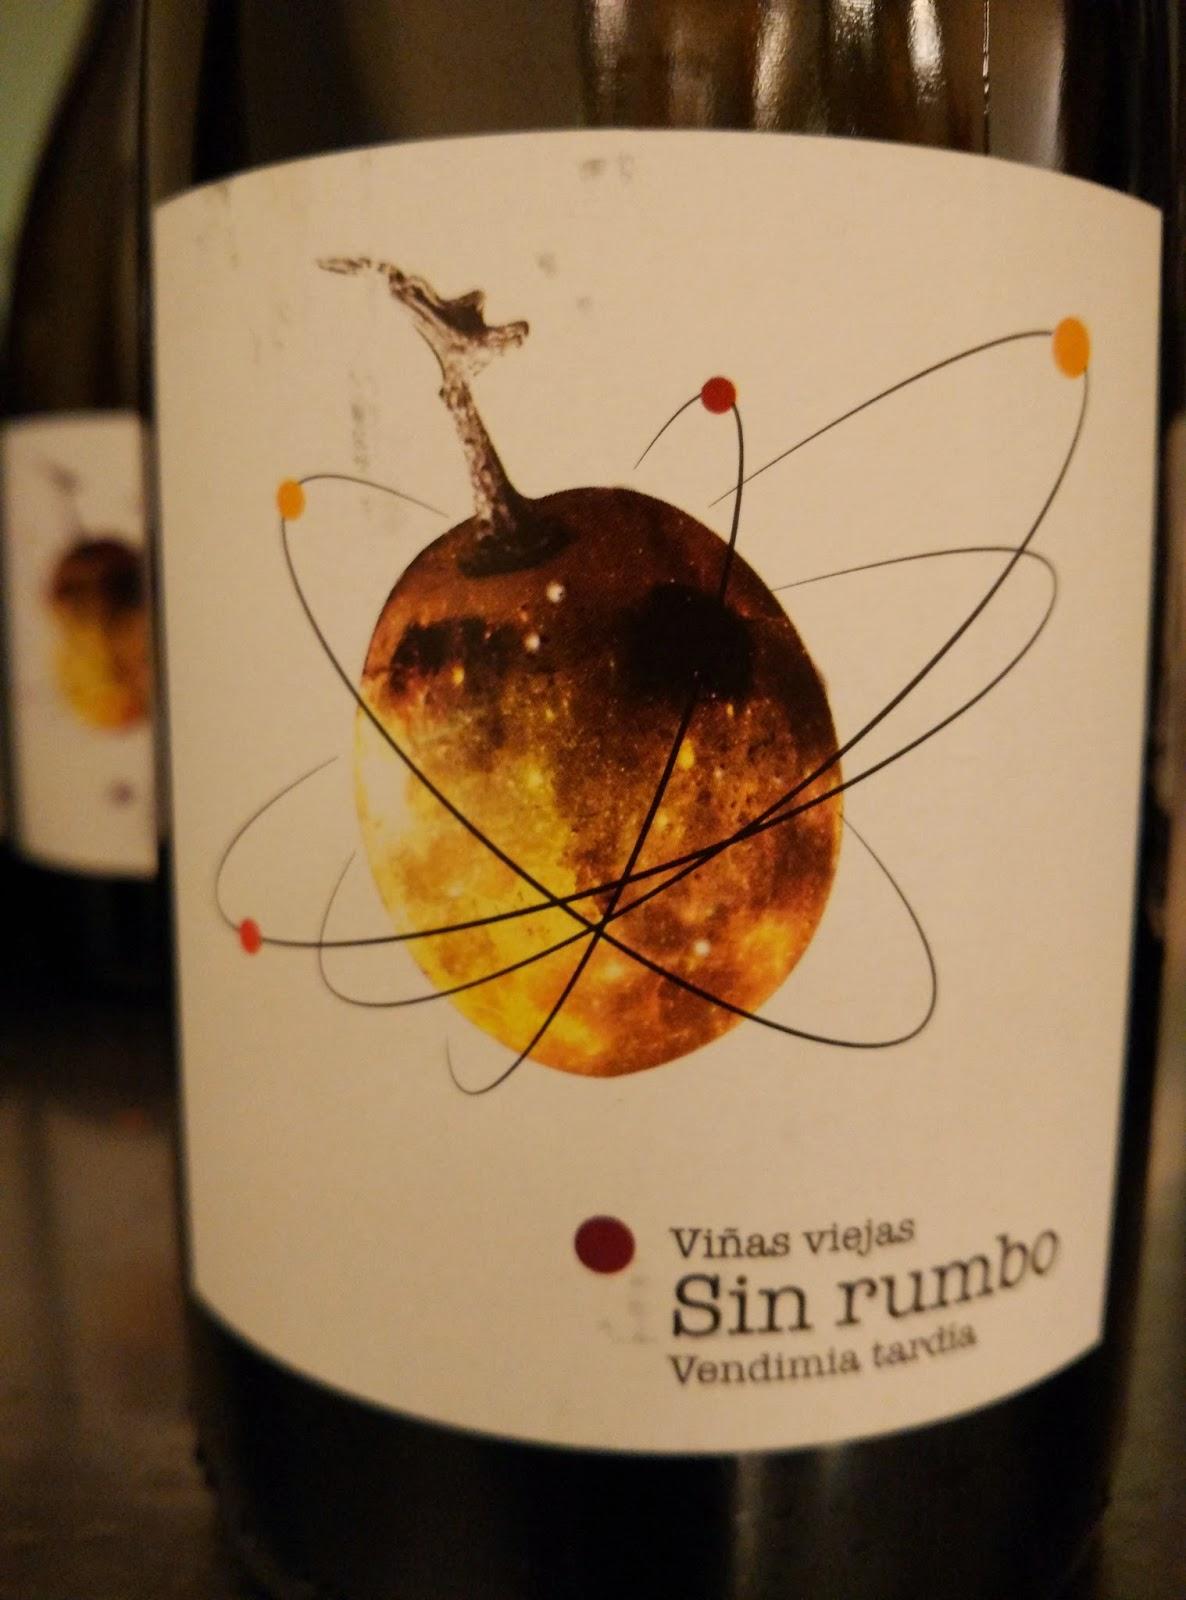 Sin rumbo, un vino de Ismael Gozalo